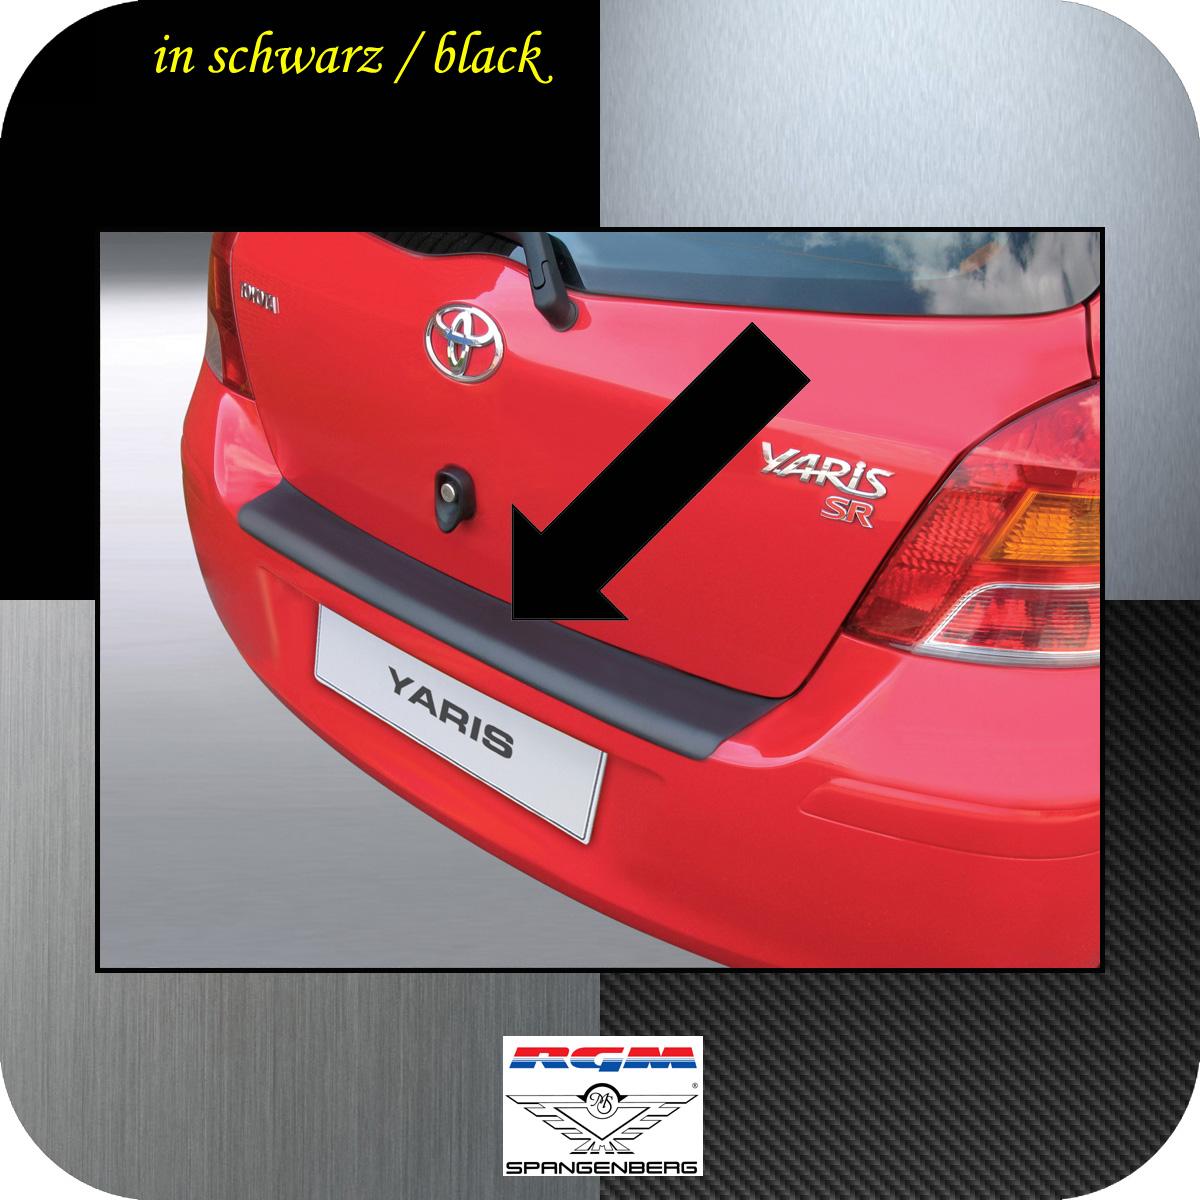 Passende Spangenberg Artikel Für Modelle Toyota Yaris II